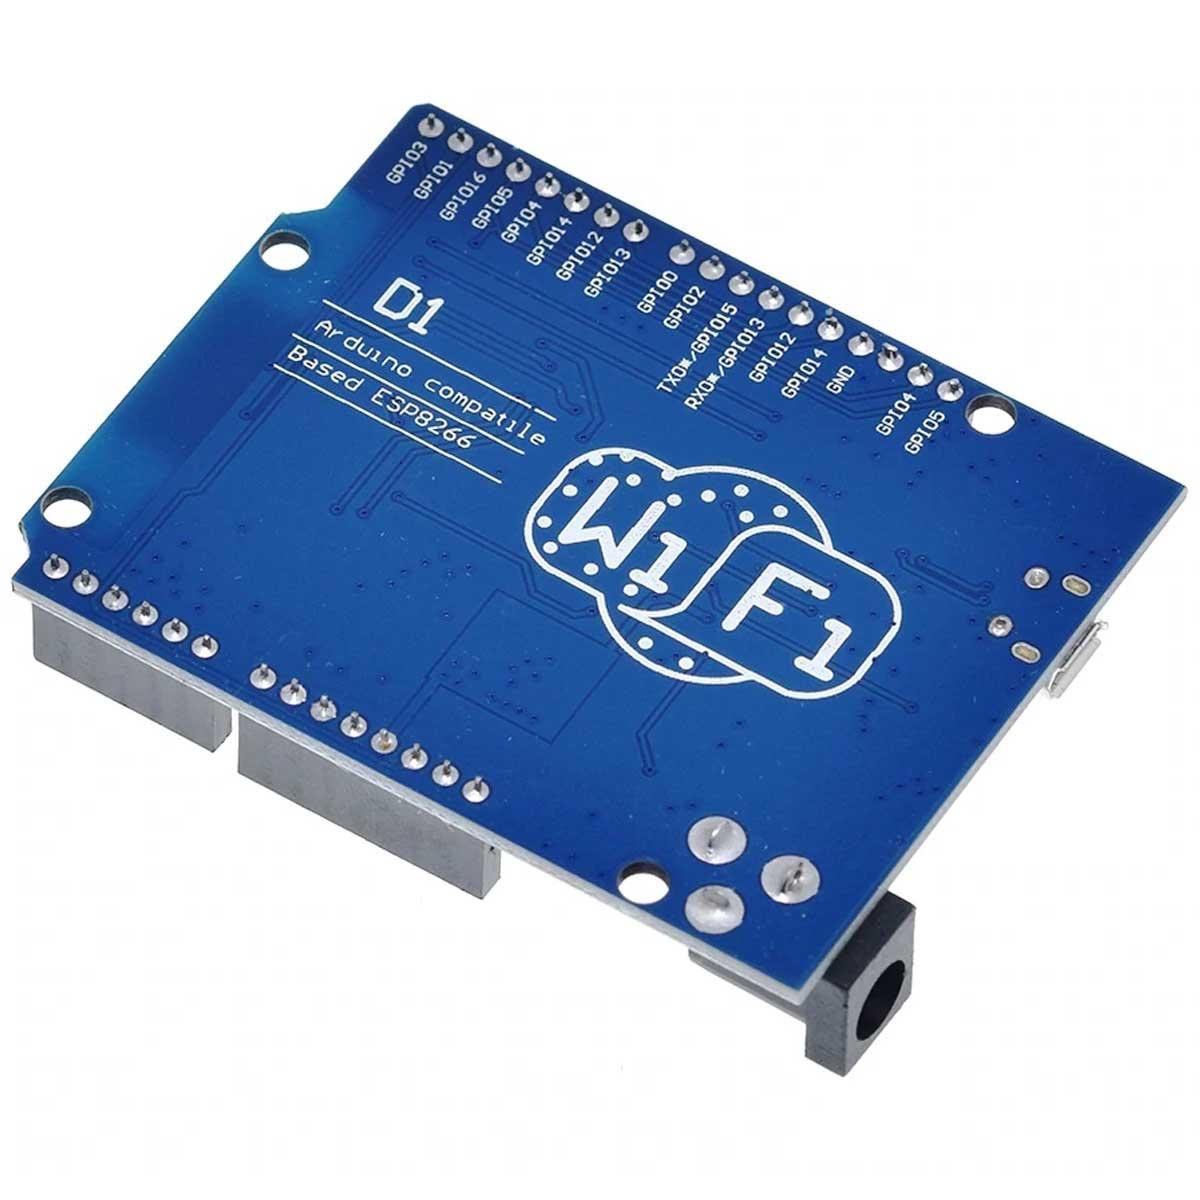 Placa WeMos D1 R2 Wifi ESP8266 compatível com Arduino e ESP8266 + Cabo